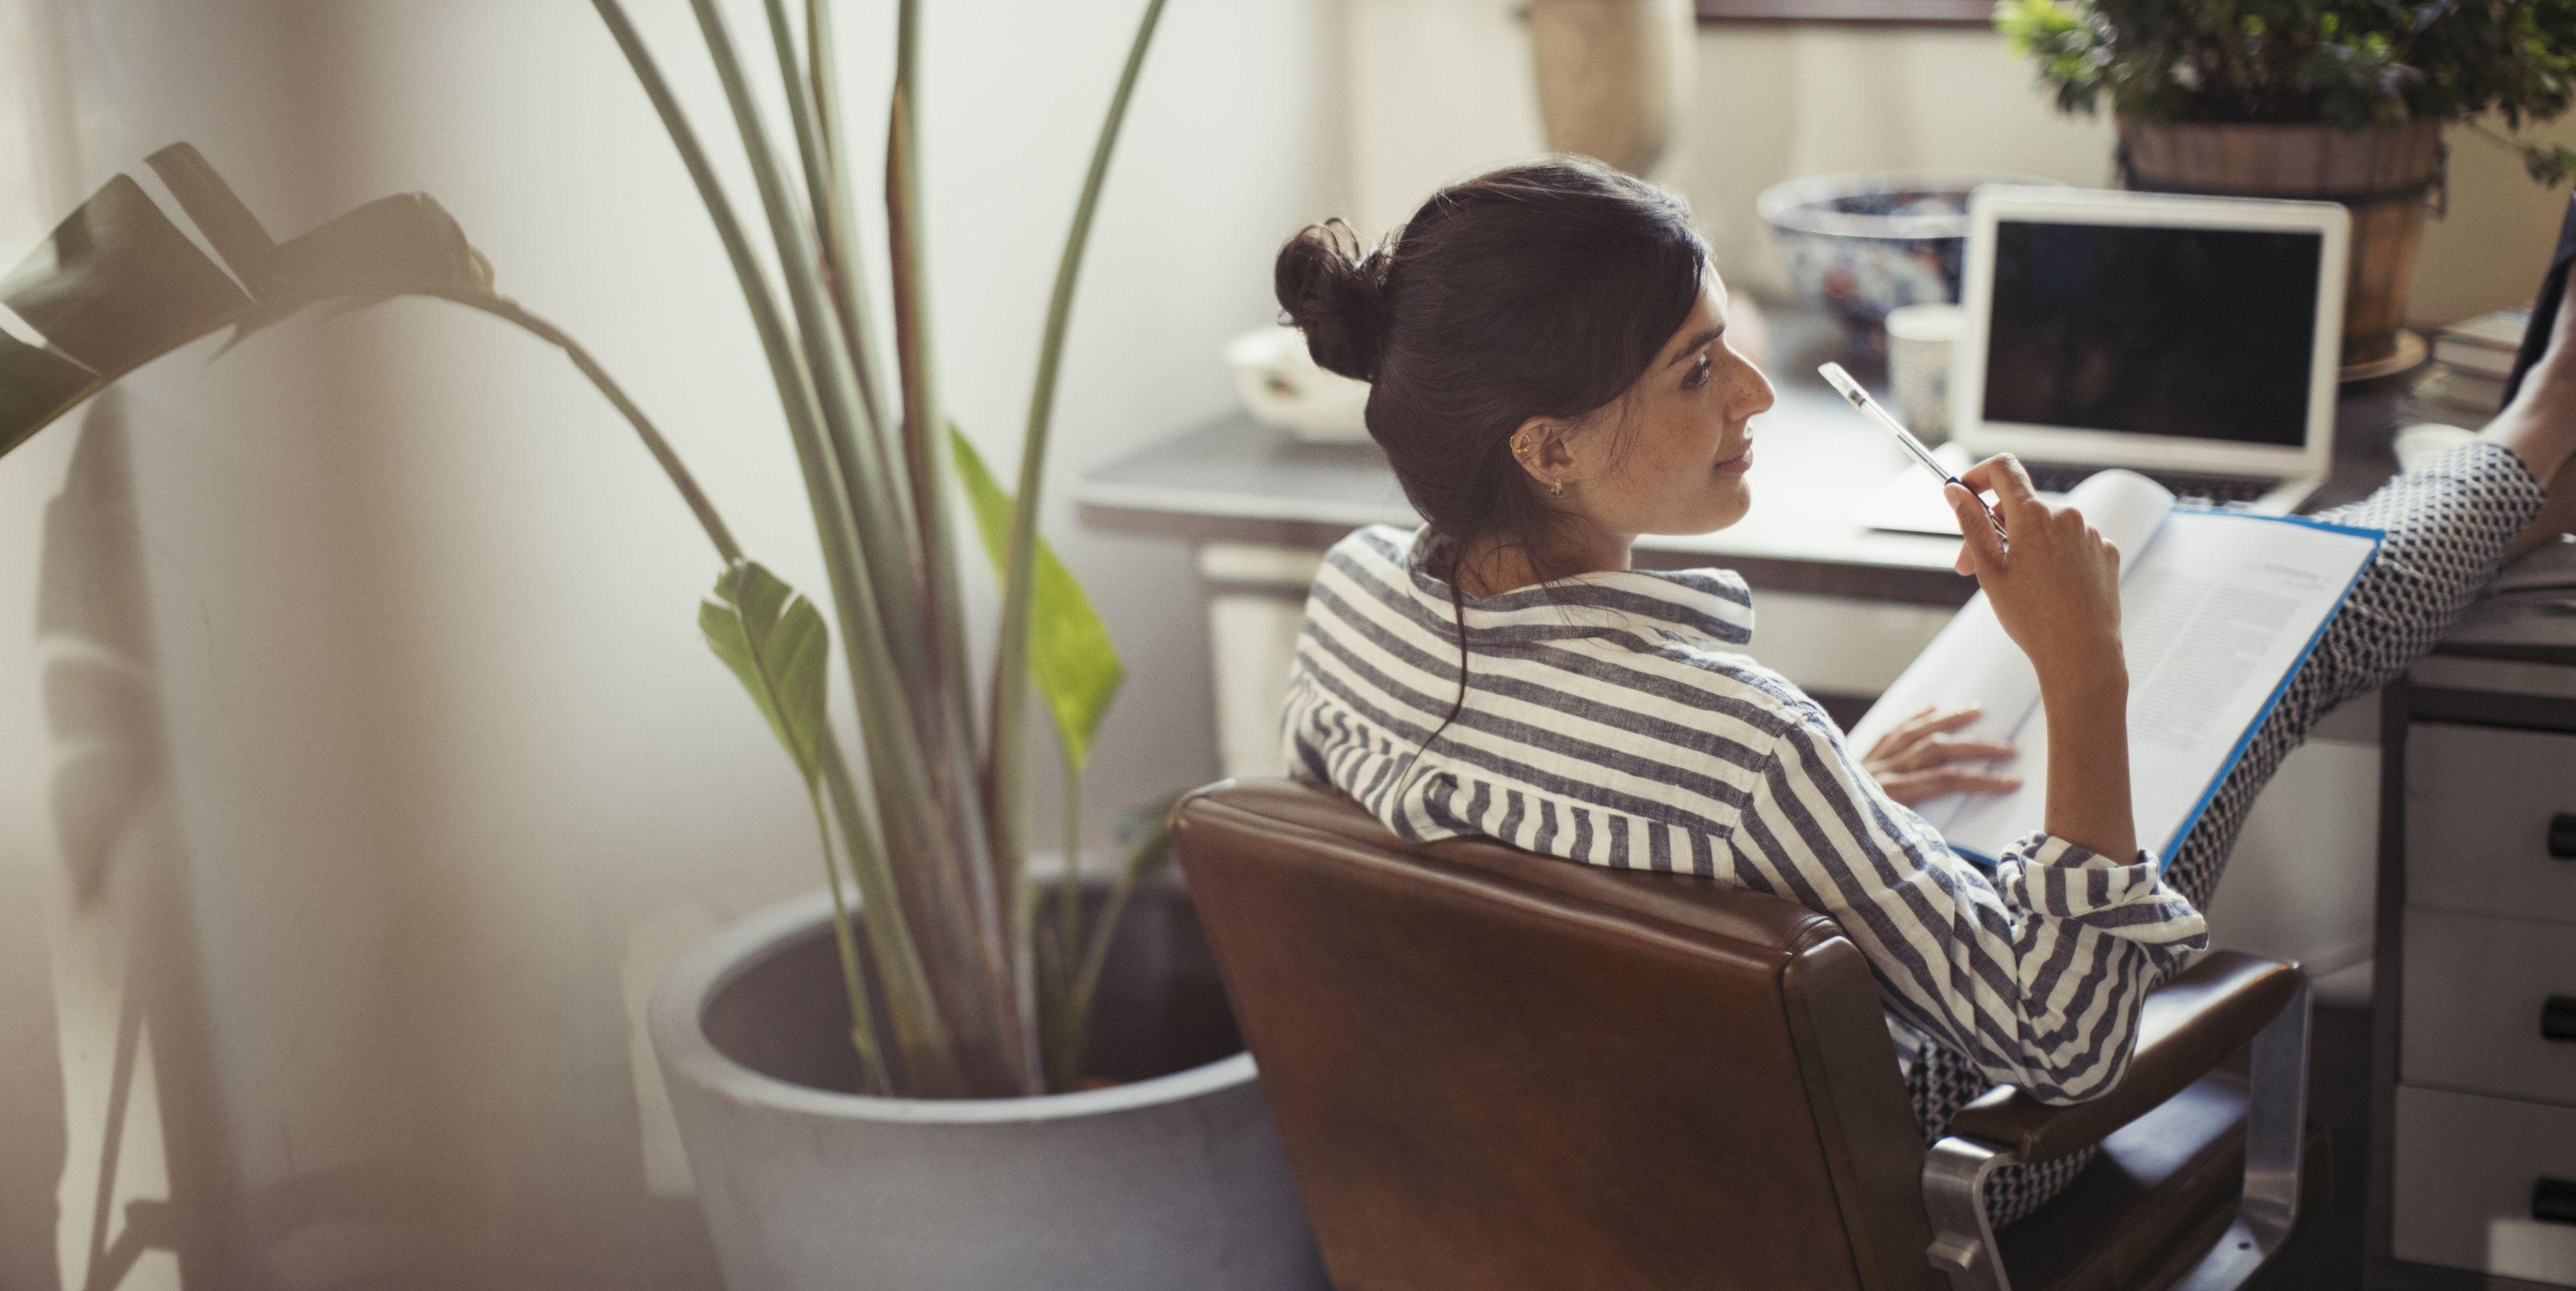 veel-last-van-stress-door-je-studie-met-deze-tips-kun-je-de-stress-verminderen